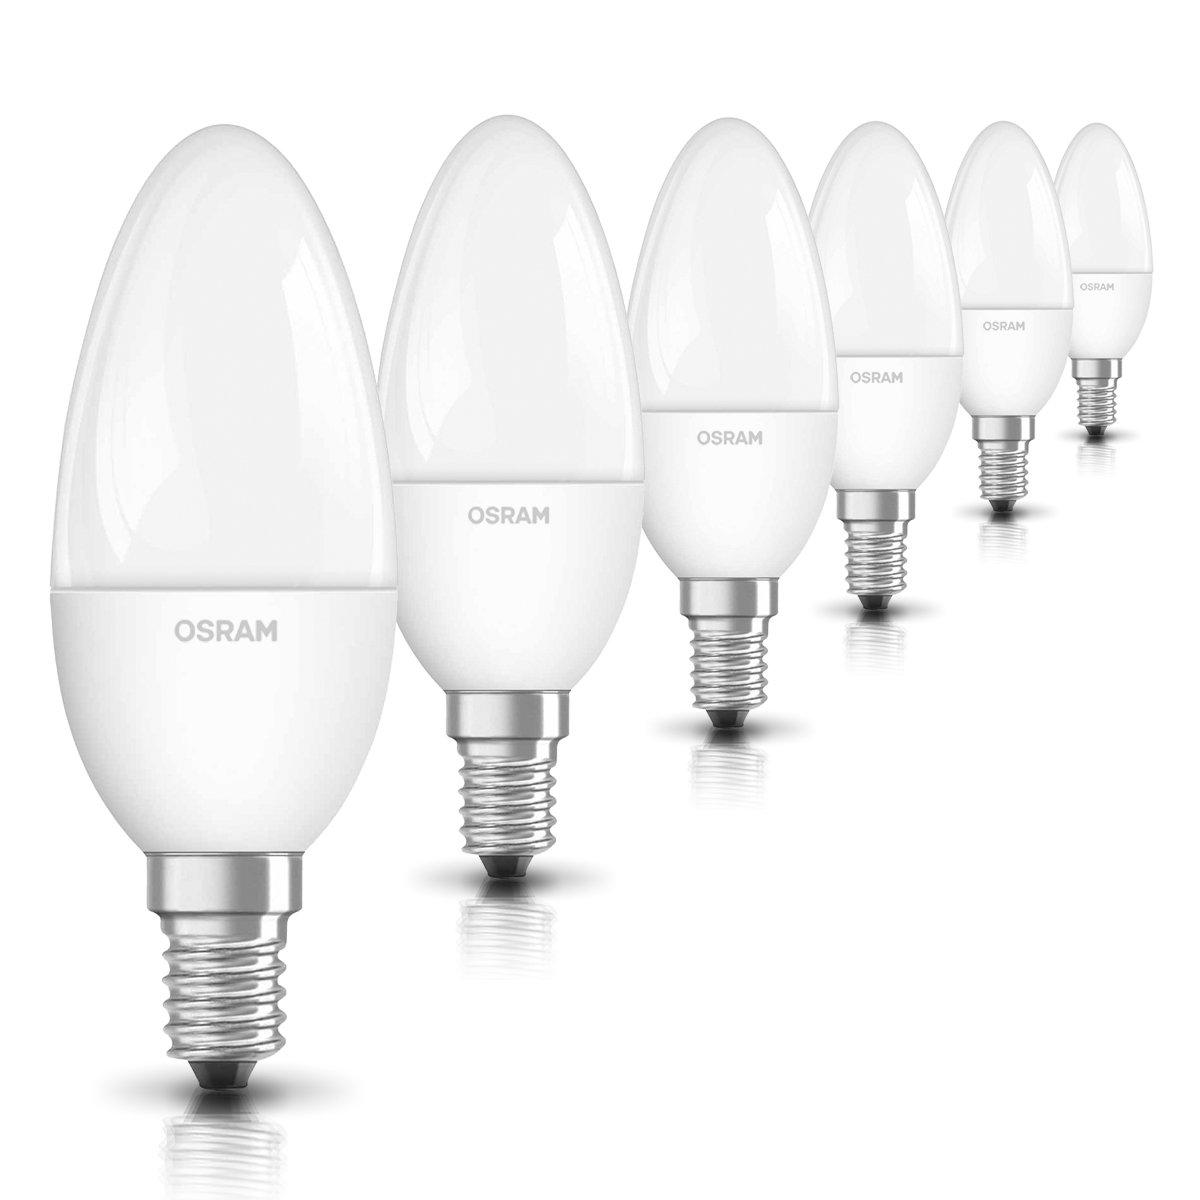 Osram LED SuperStar Classic B Lampe, in Kerzenform mit E14-Sockel ...